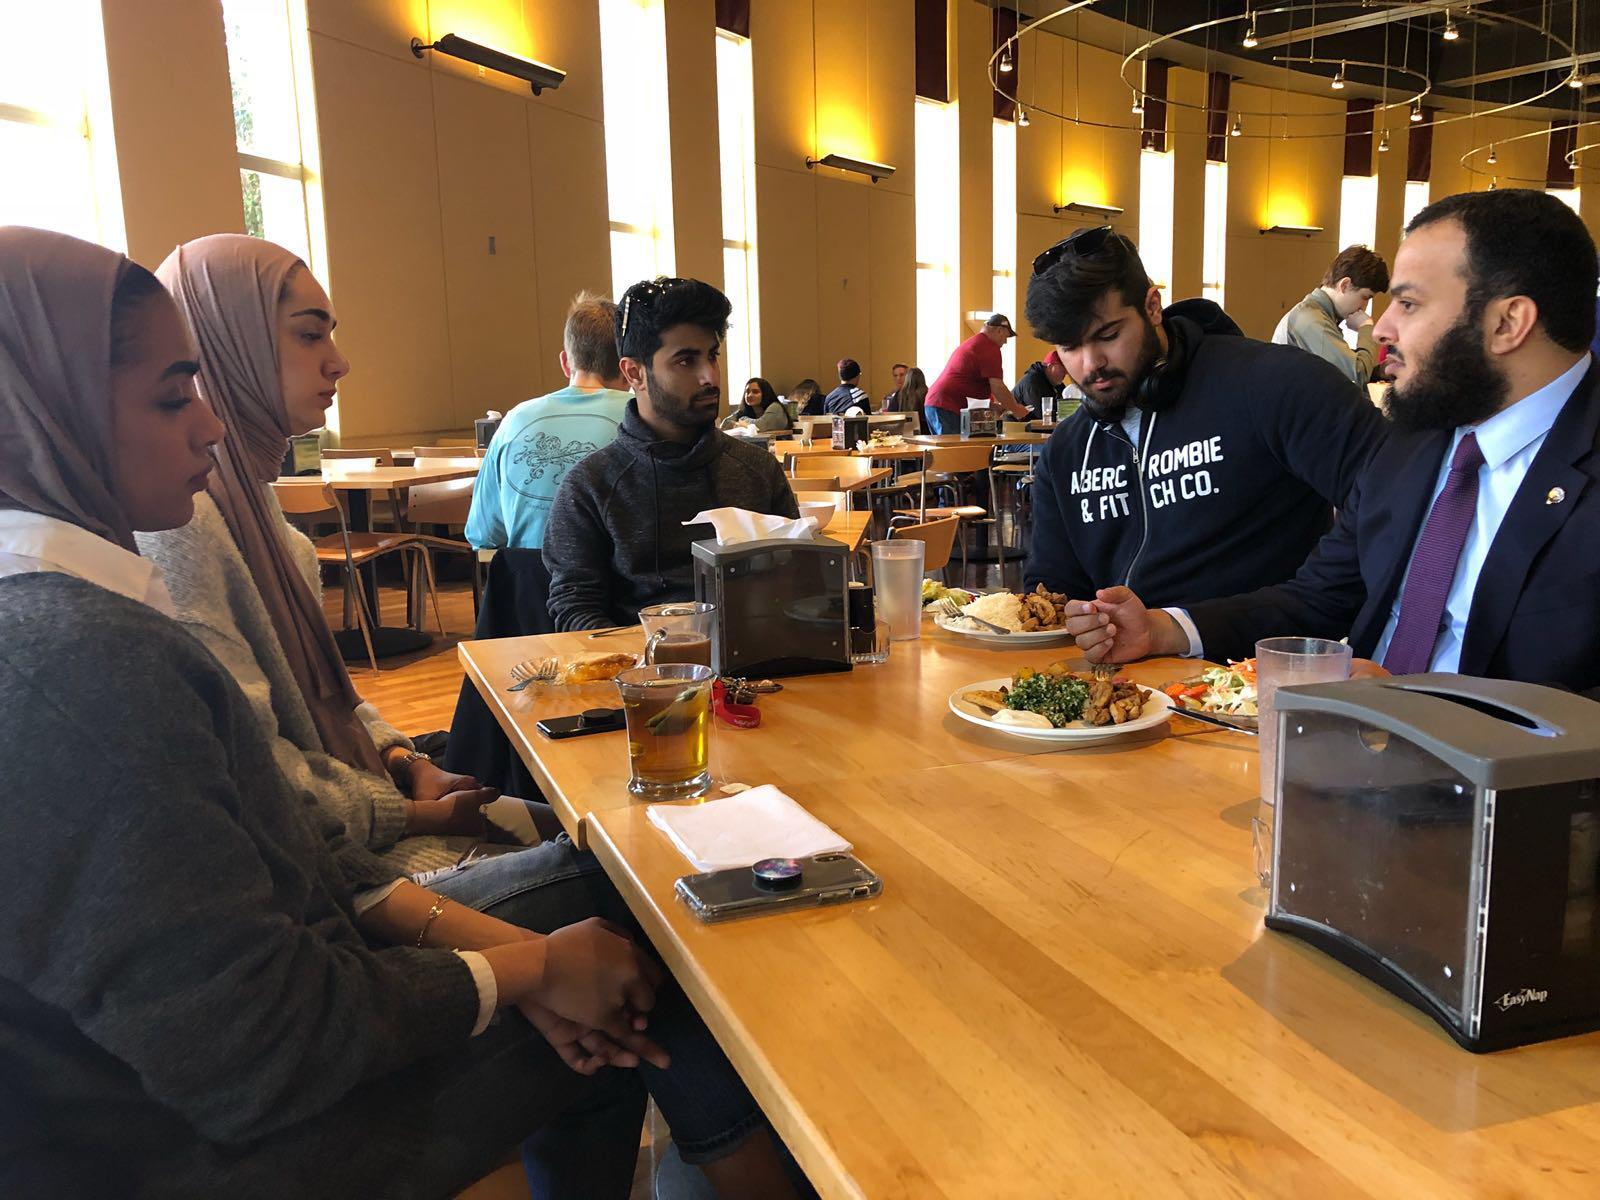 د. جابر الوندة لطلاب الكويت بجامعة أوكلاهما الأمريكية: ننتظر دوركم الرائد في تحقيق التنمية والتطوير